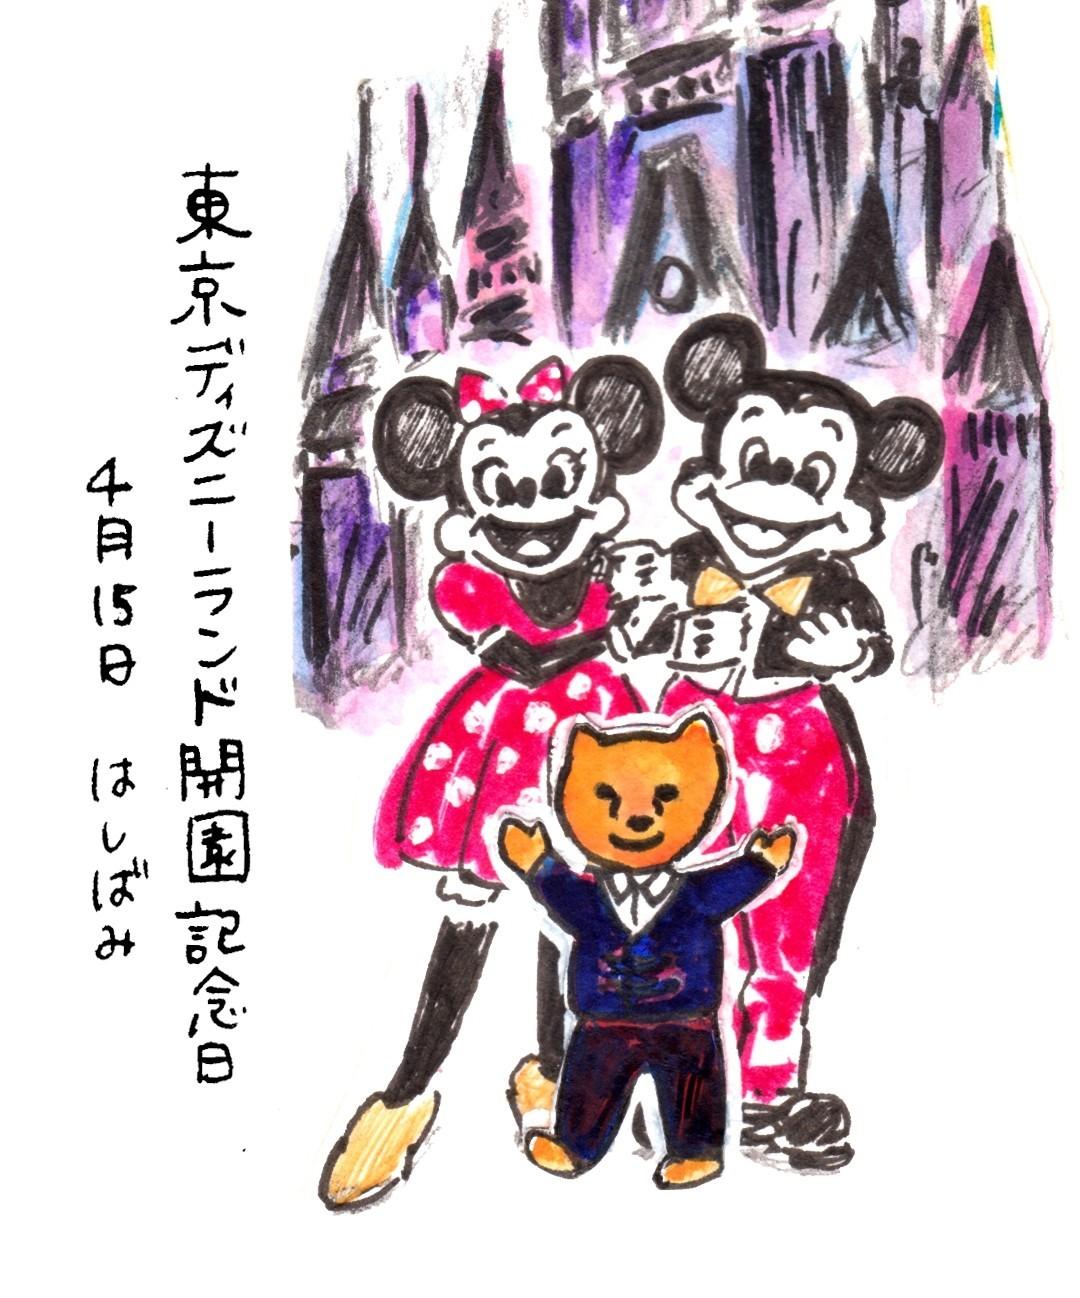 04_15_東京ディズニーランド開園記念日